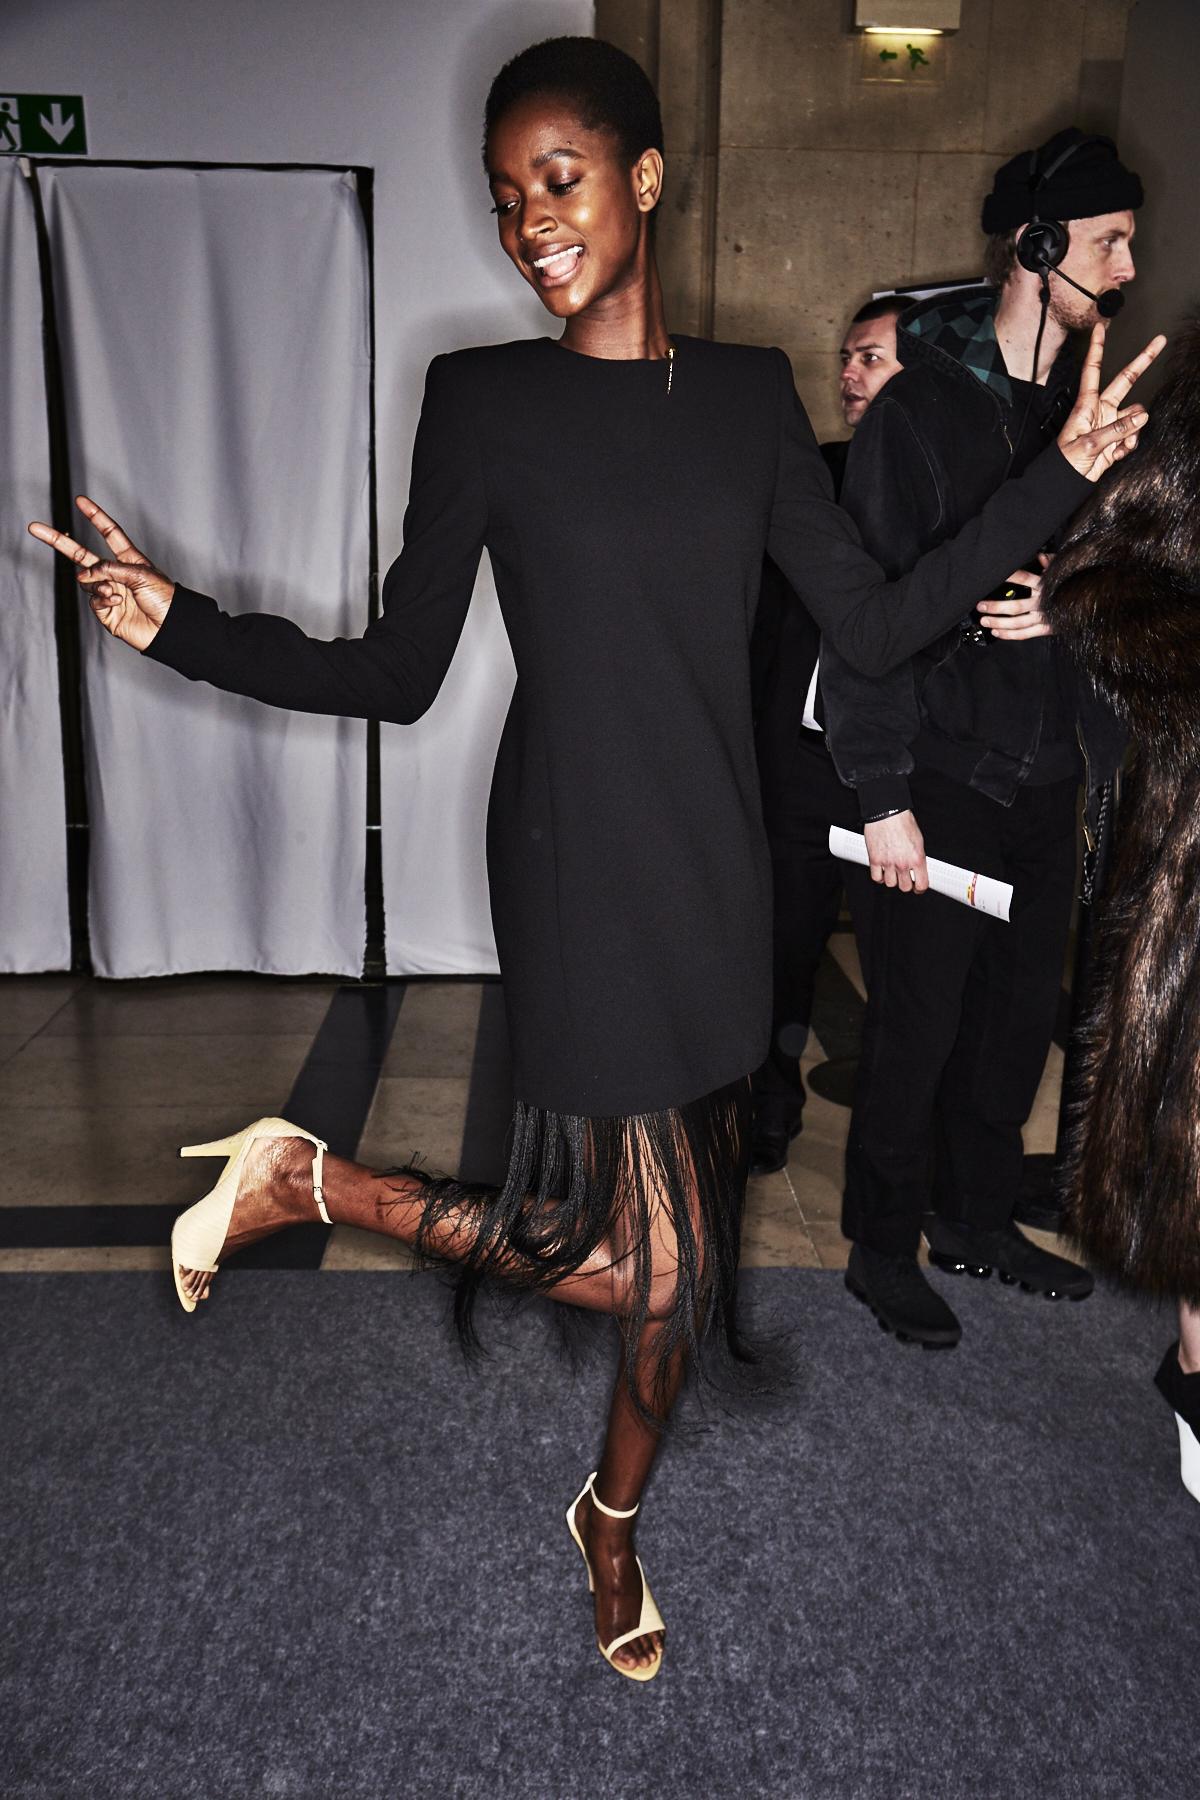 Im Backstage-Bereich der Givenchy Herbst/Winter 2018 Show trägt ein Model ein schwarzes Kleid mit langen, feinen Fransen am Saum.